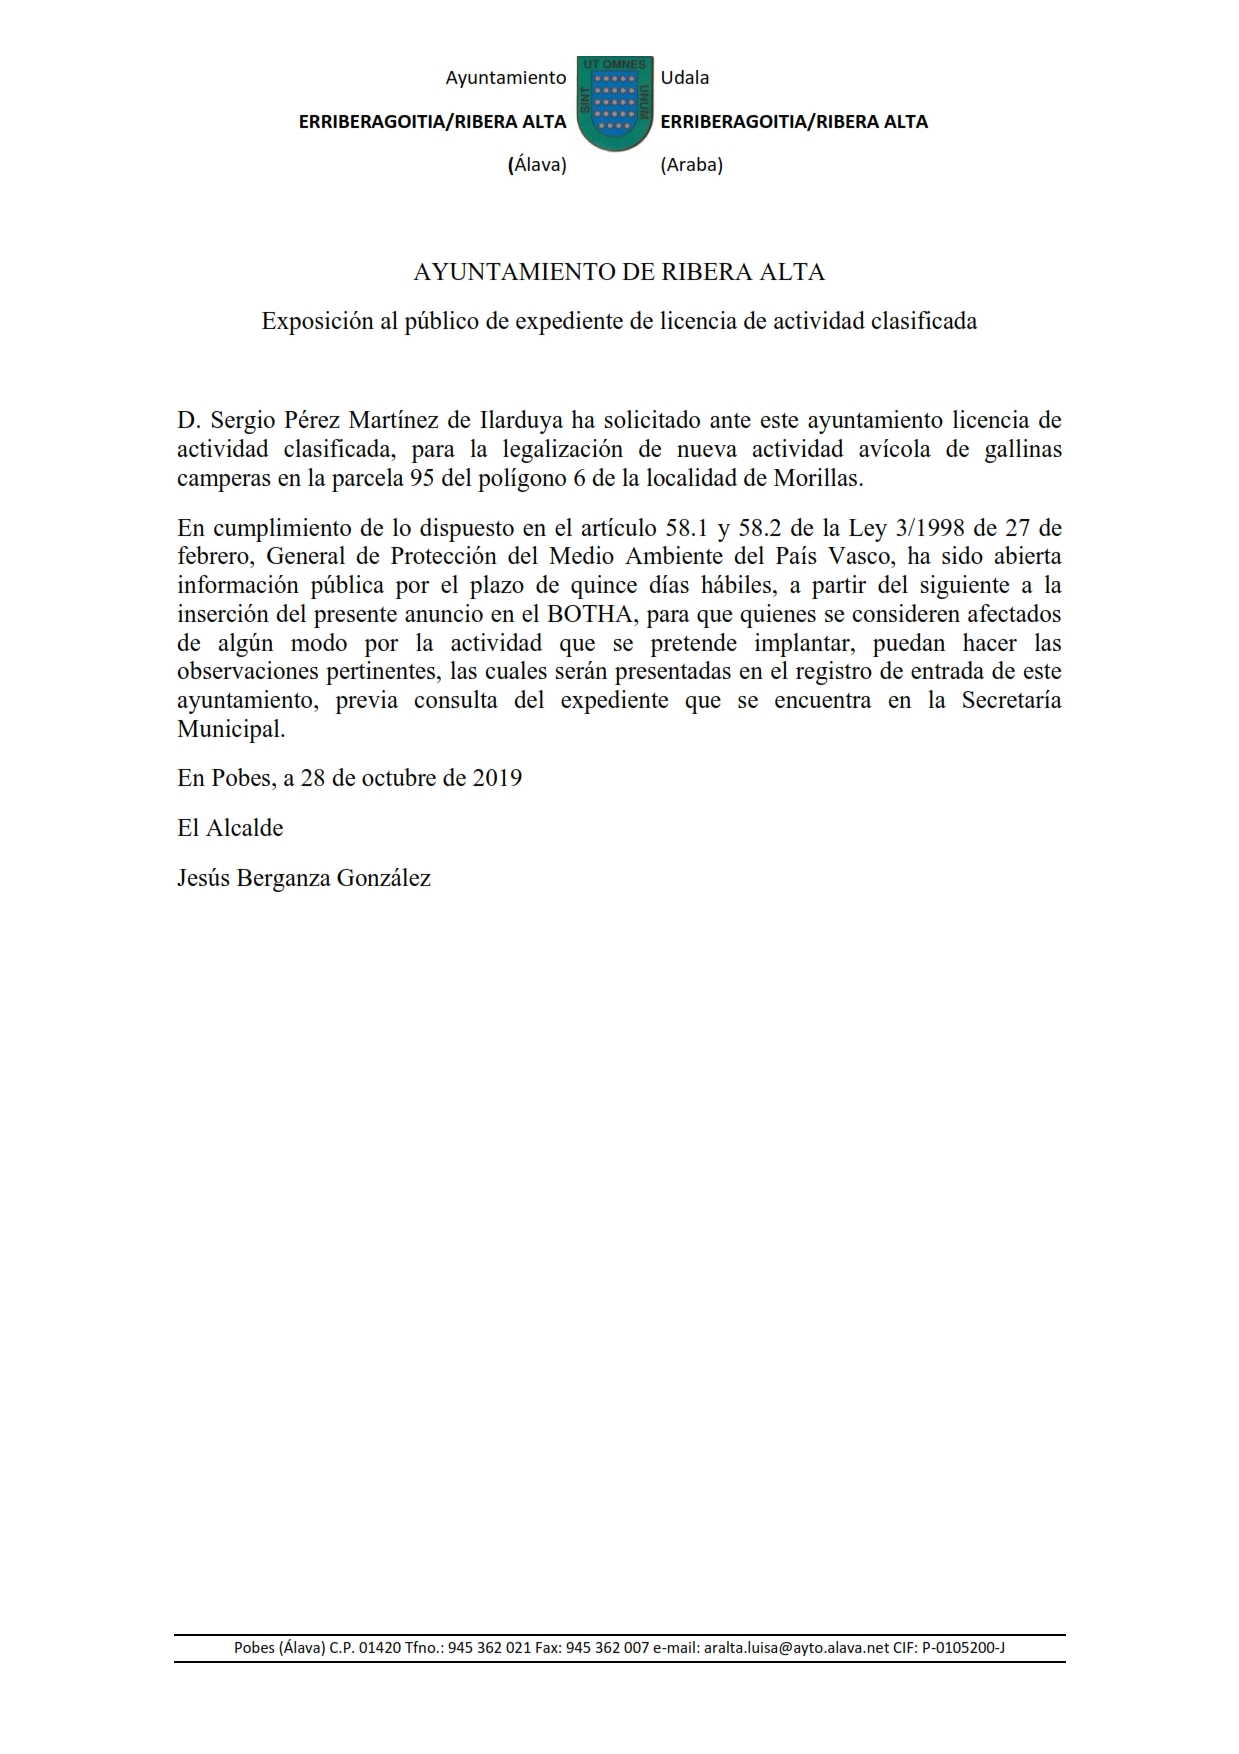 Anuncio de licencia de actividad  avícola en Morillas